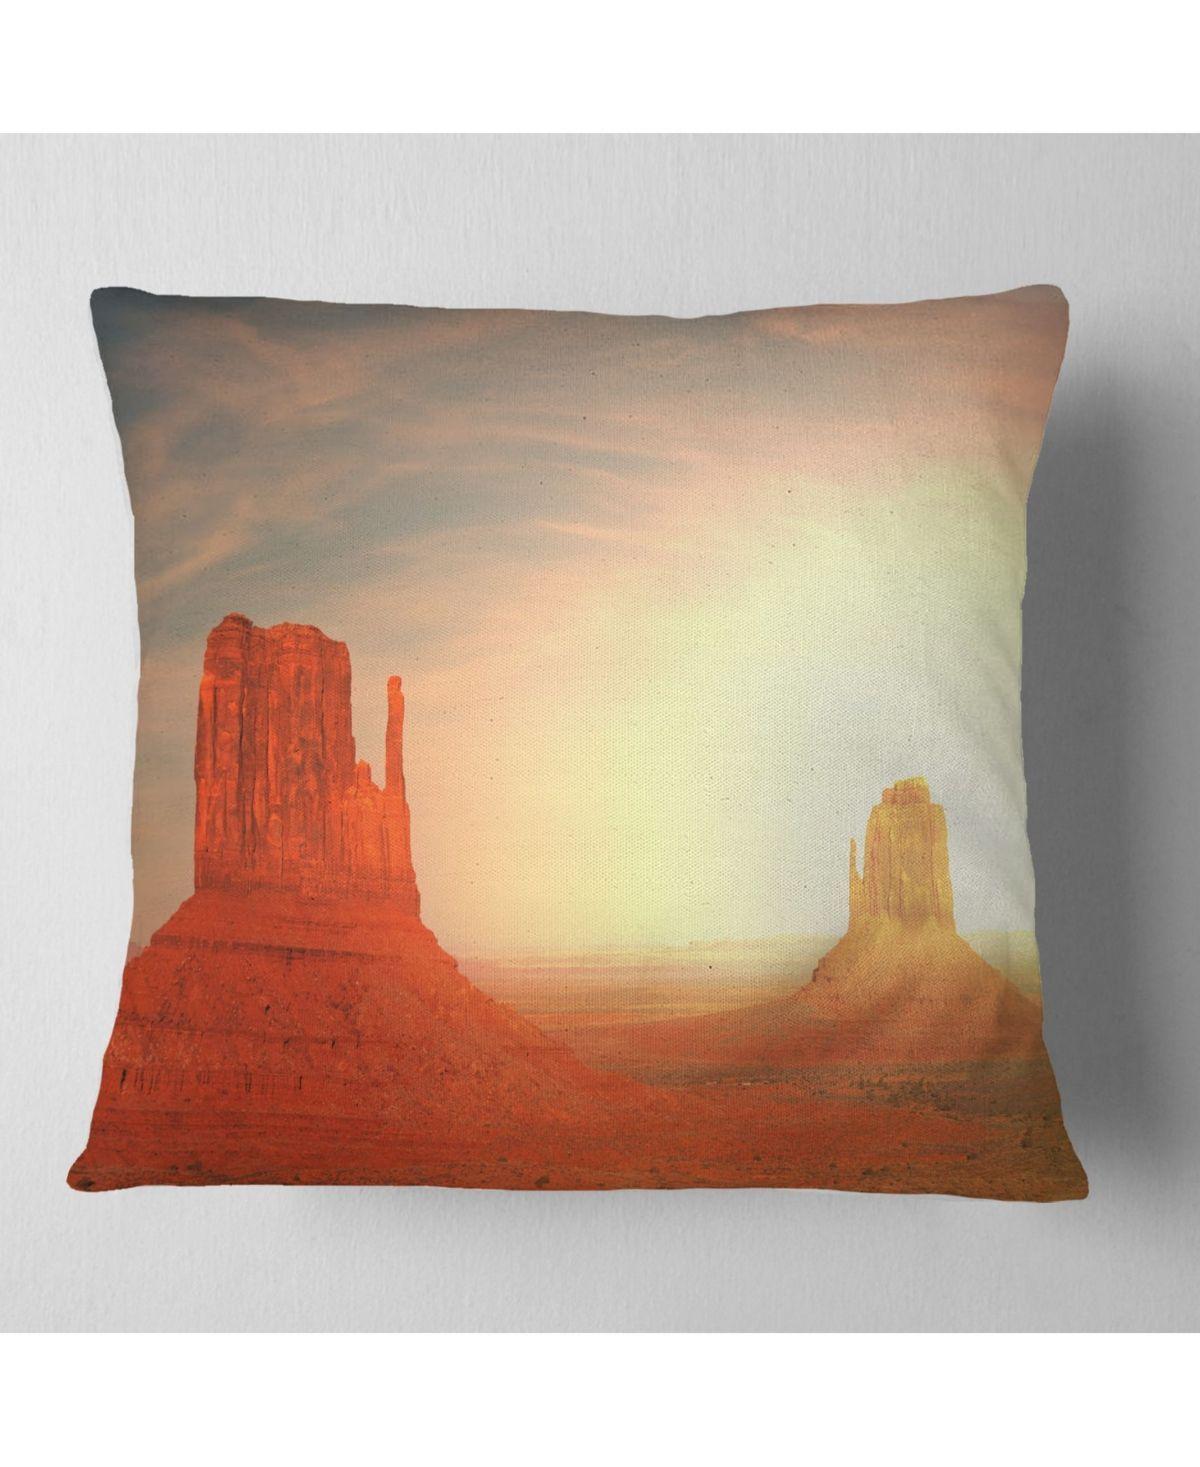 Designart Monument Valley Utah Usa Landscape Printed Throw Pillow 26 X 26 Utahusa Designart Monumen Printed Throw Pillows Monument Valley Utah Throw Pillows